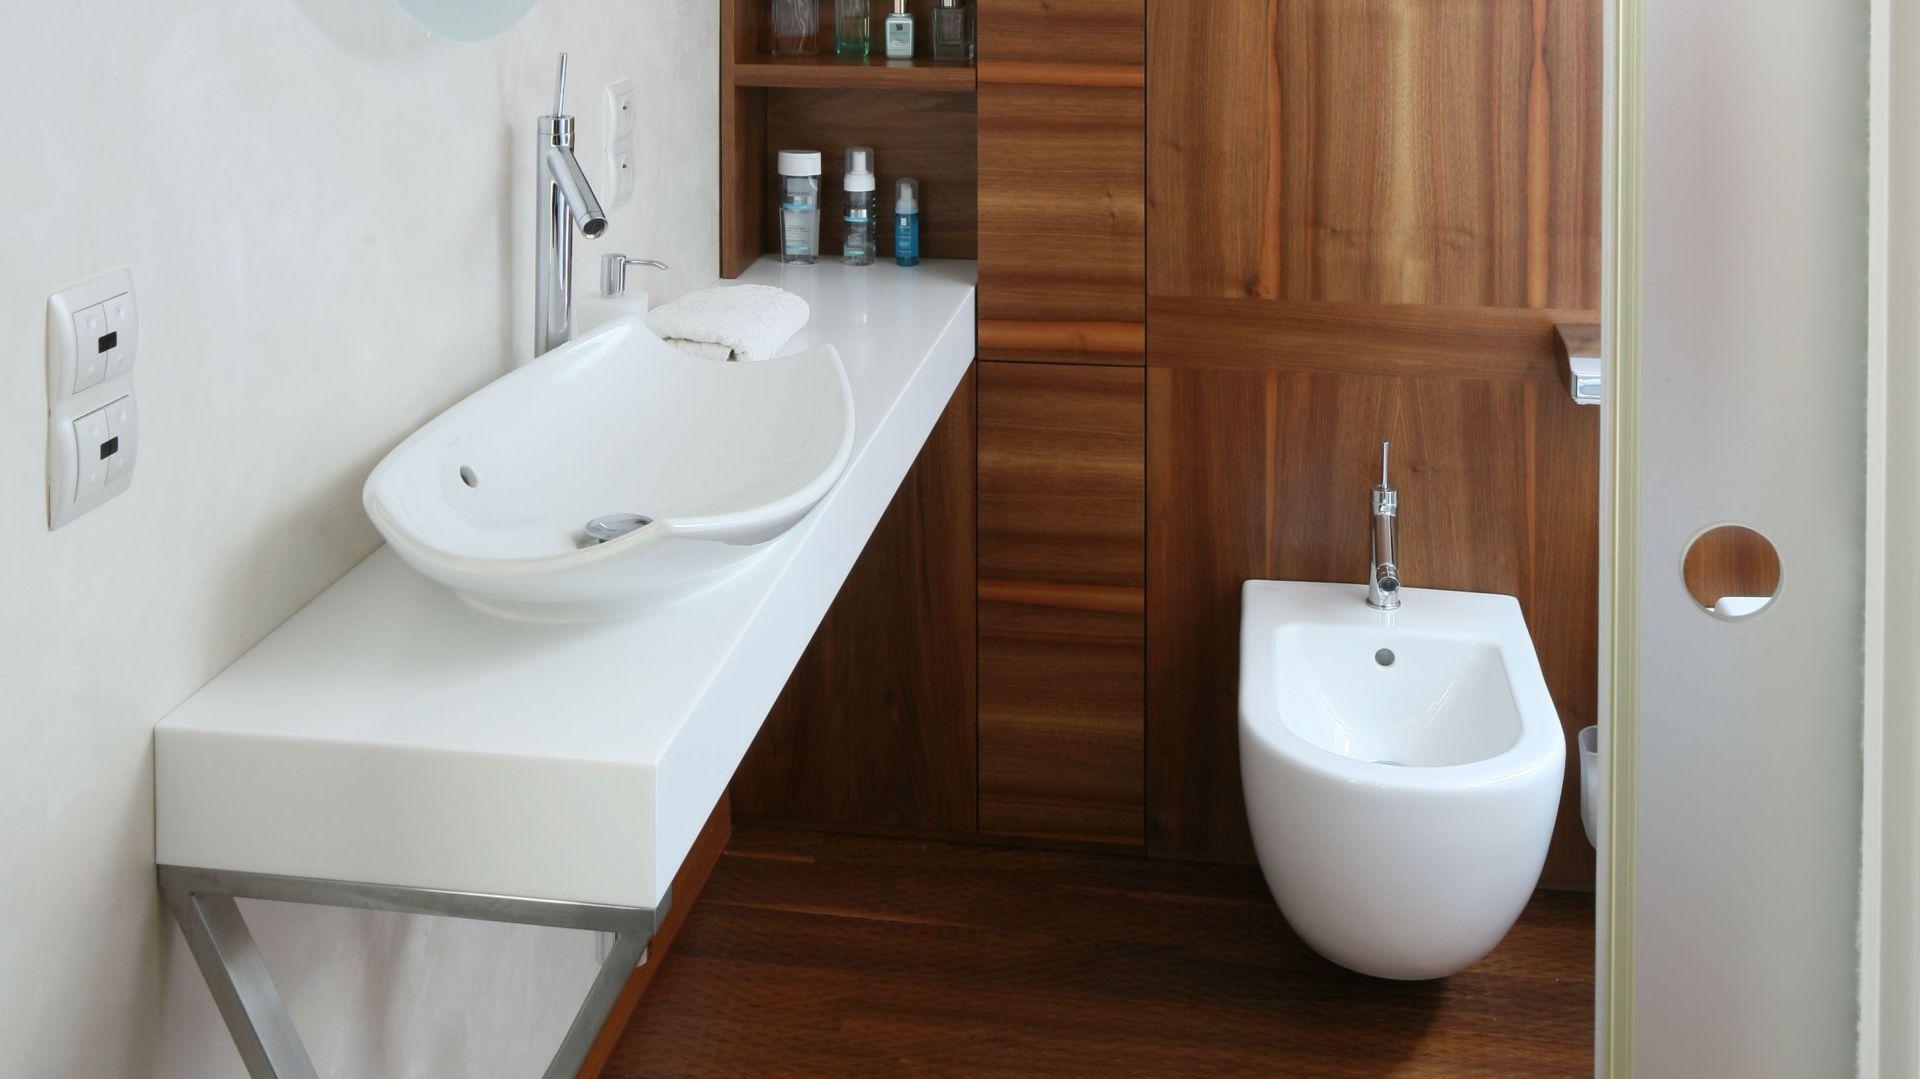 Białe ściany zostały wykończone odpornym na wilgoć tynkiem dekoracyjnym, naturalne drewno dodaje łazience przytulnego klimatu. Fot. Bartosz Jarosz